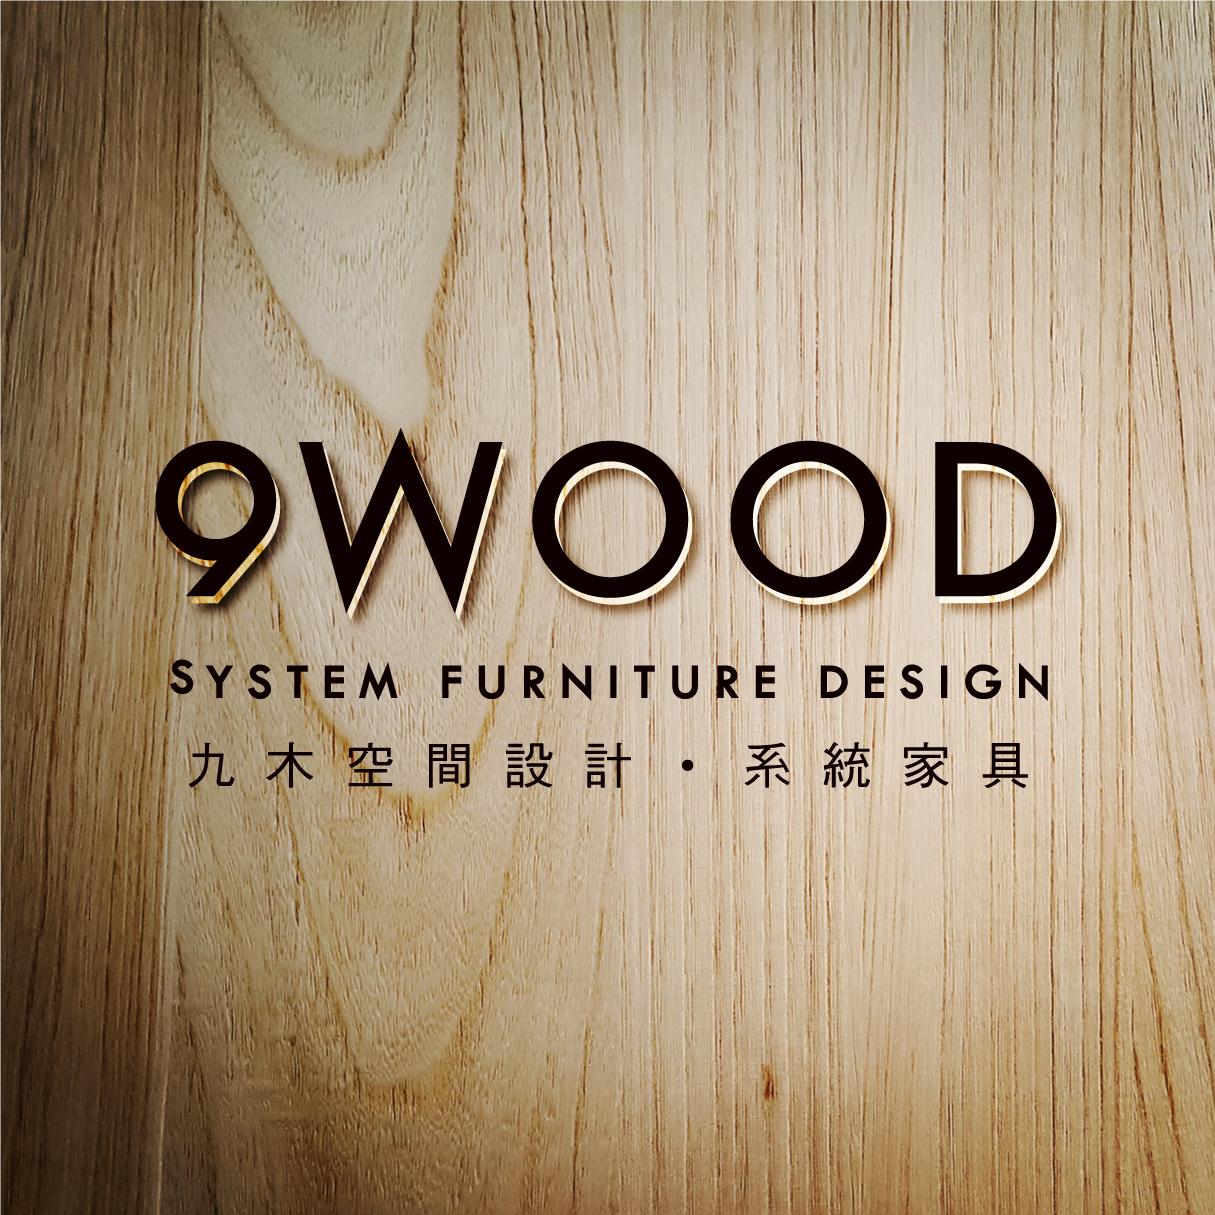 九木住宅設計 系統家具